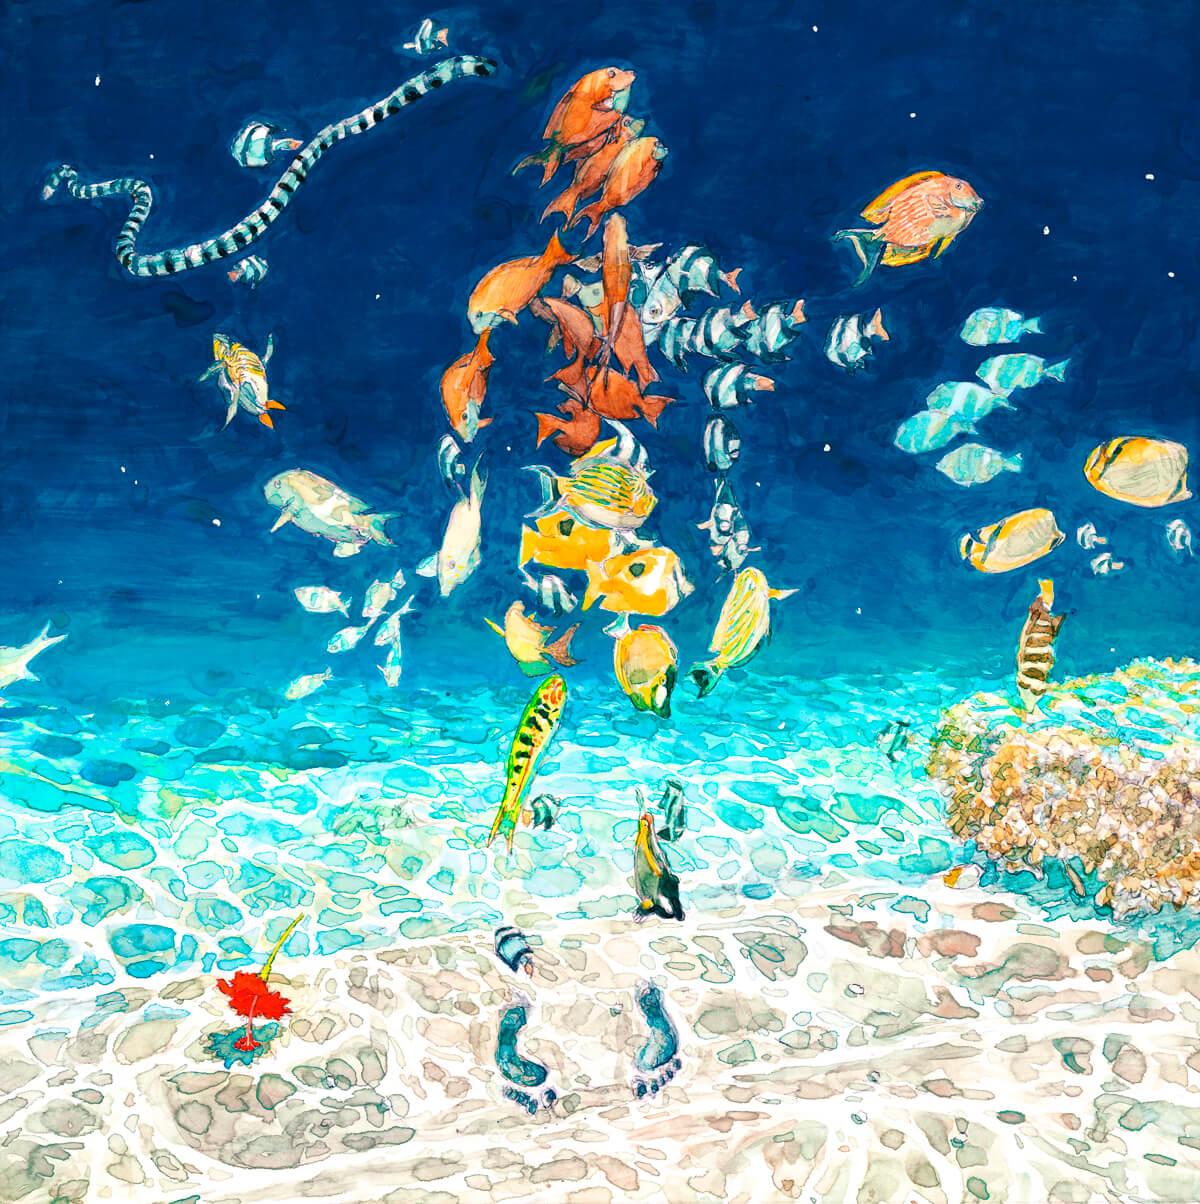 米津玄師「海の幽霊」、2019年最高記録樹立|デイリー、ウィークリーともに今年1位 music190612_yonezukenshi_1